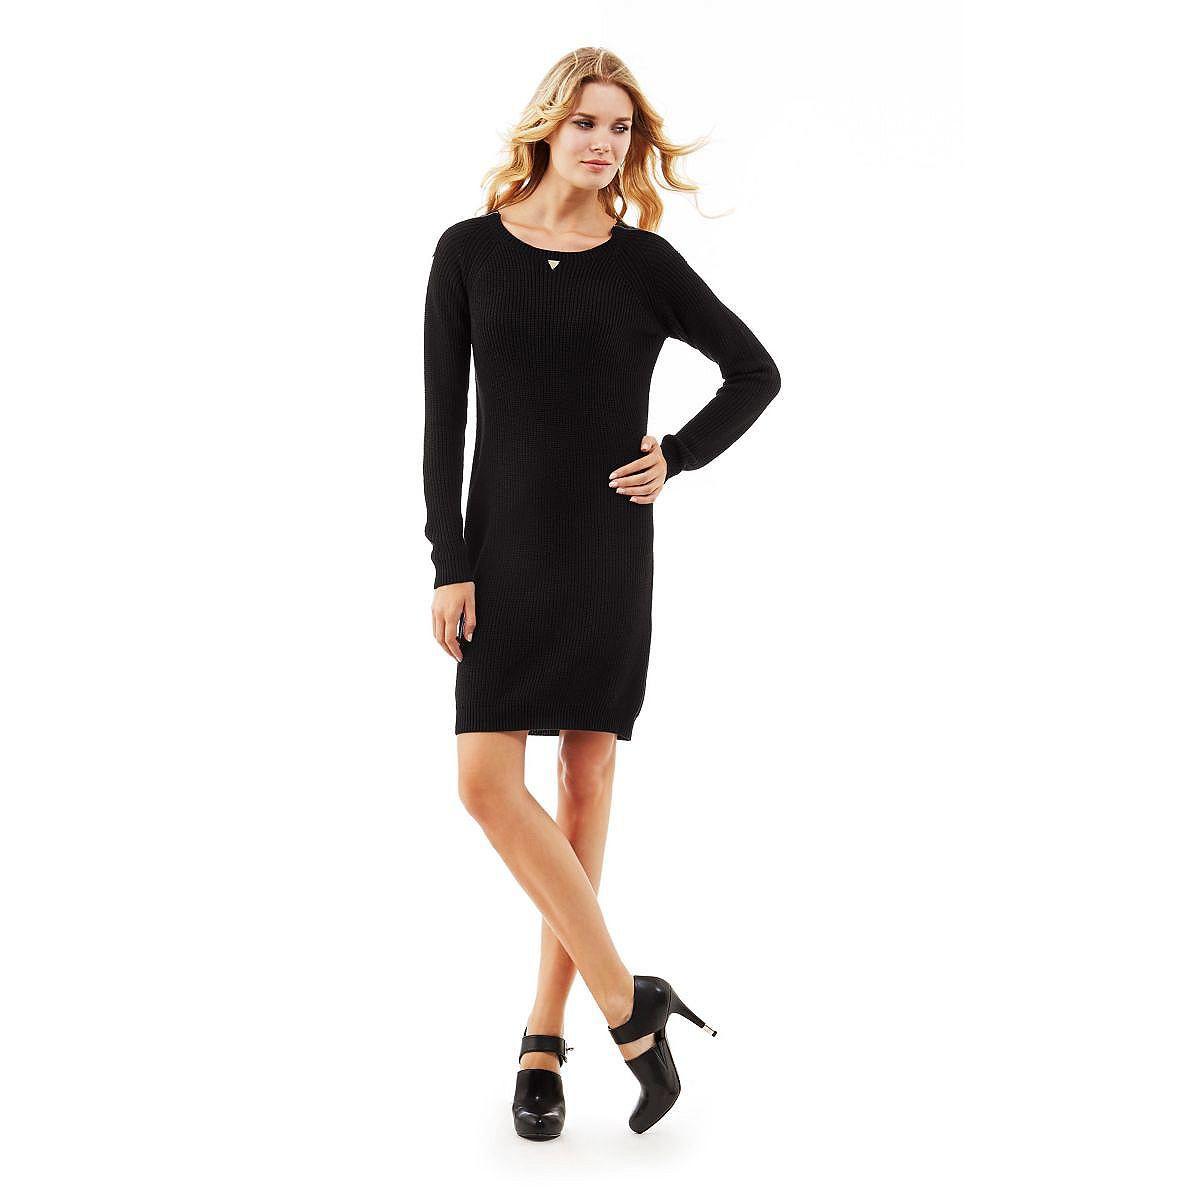 Mixed wool zipped dress    Die grobmaschige Verarbeitung verleiht dem Strickkleid ein feminines Finish. Die Reißverschlüsse setzen an den Kontrastschultern glanzvolle Akzente: Seine außergewöhnliche Optik macht dieses Kleid so unwiderstehlich.    Kontrastschultern mit Reißverschluss.  50% Viskose 45% Baumwolle 5% Wolle.  Handwäsche.  Abgebildet ist Größe S, Längen:  Gesamtlänge ca. 90 cm.  Schu...